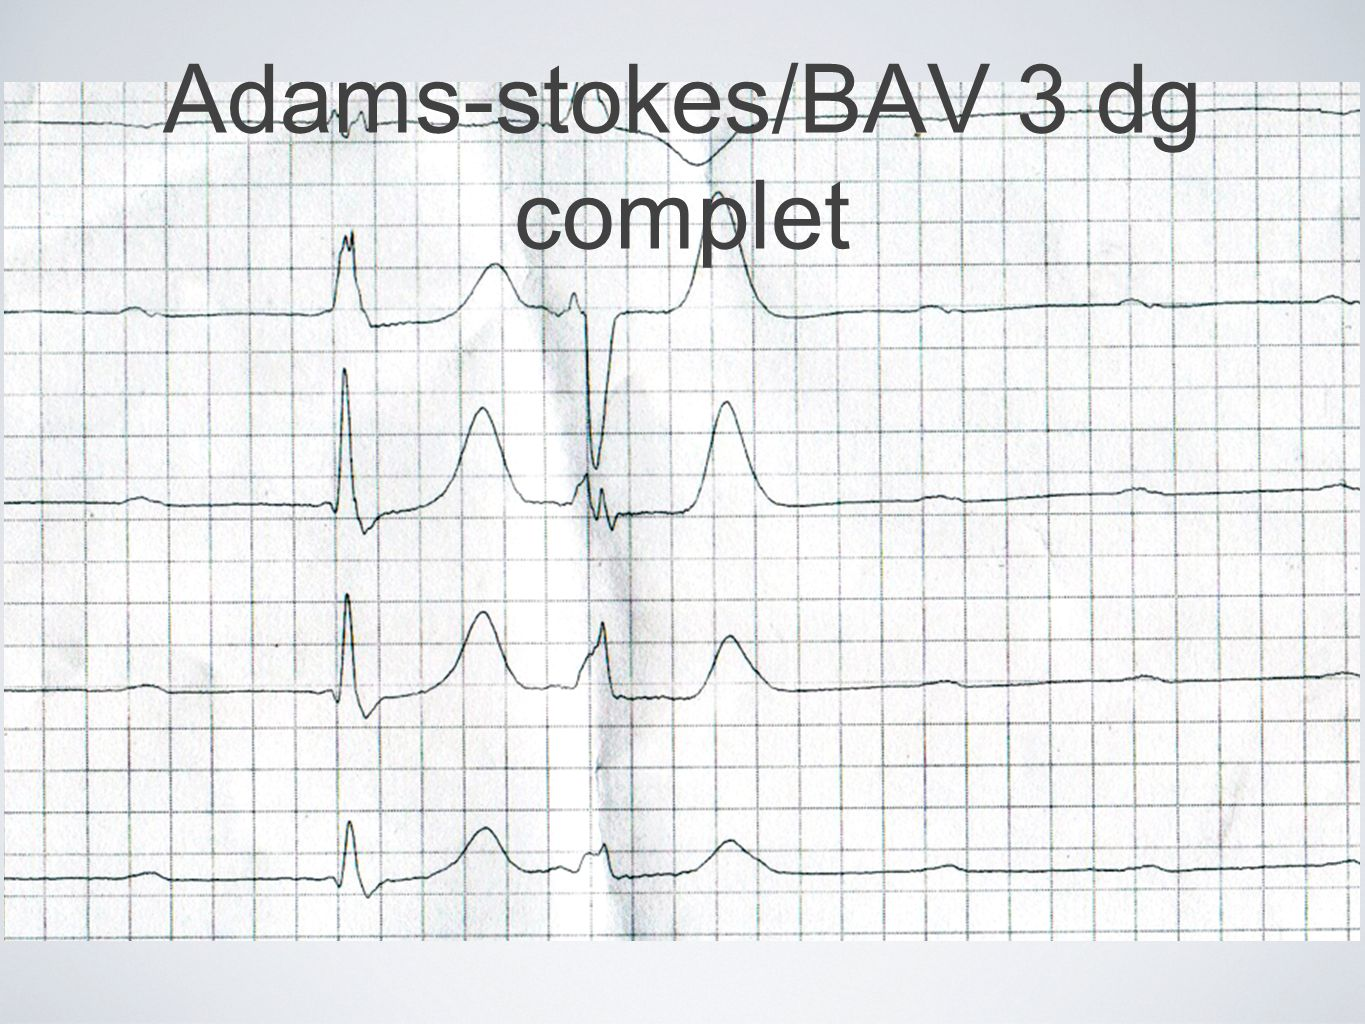 Adams-stokes/BAV 3 dg complet